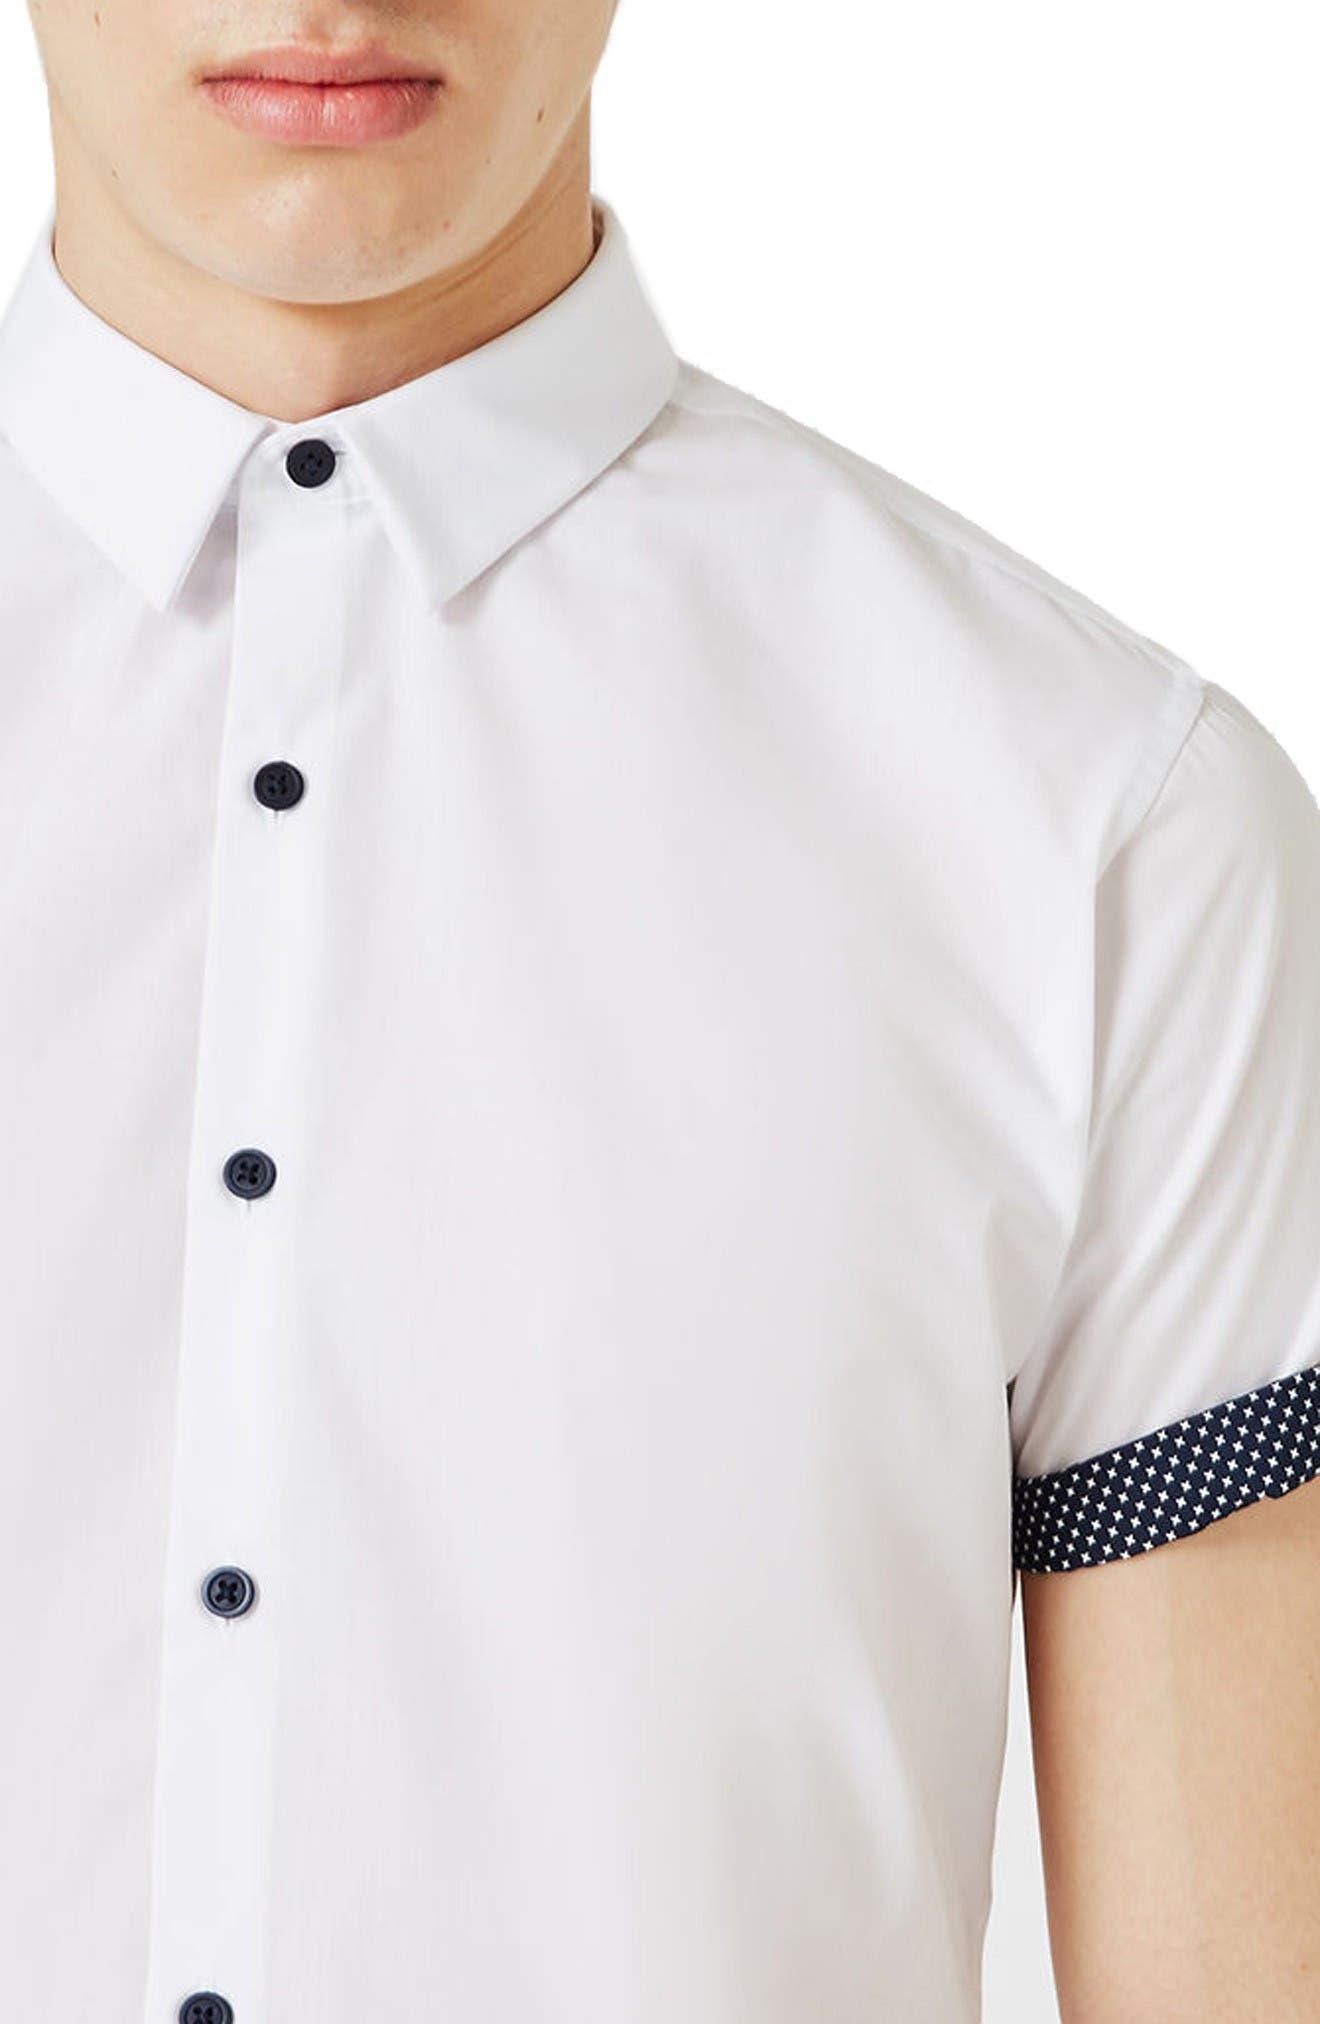 Dot Cuff Shirt,                             Alternate thumbnail 4, color,                             White Multi